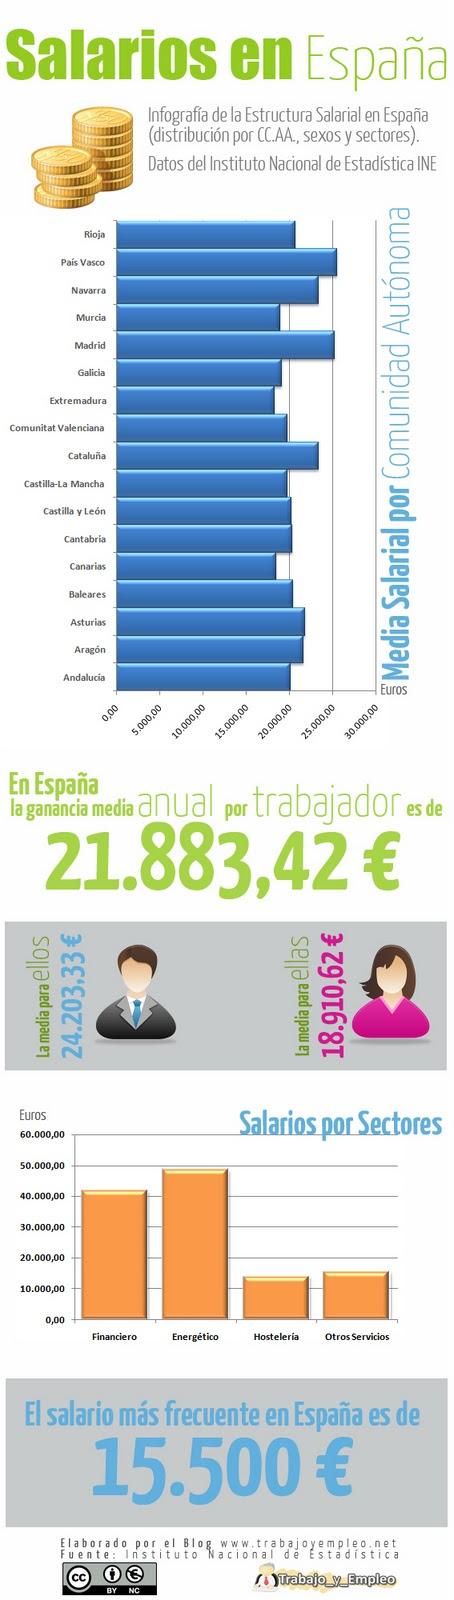 Salarios-España-2010